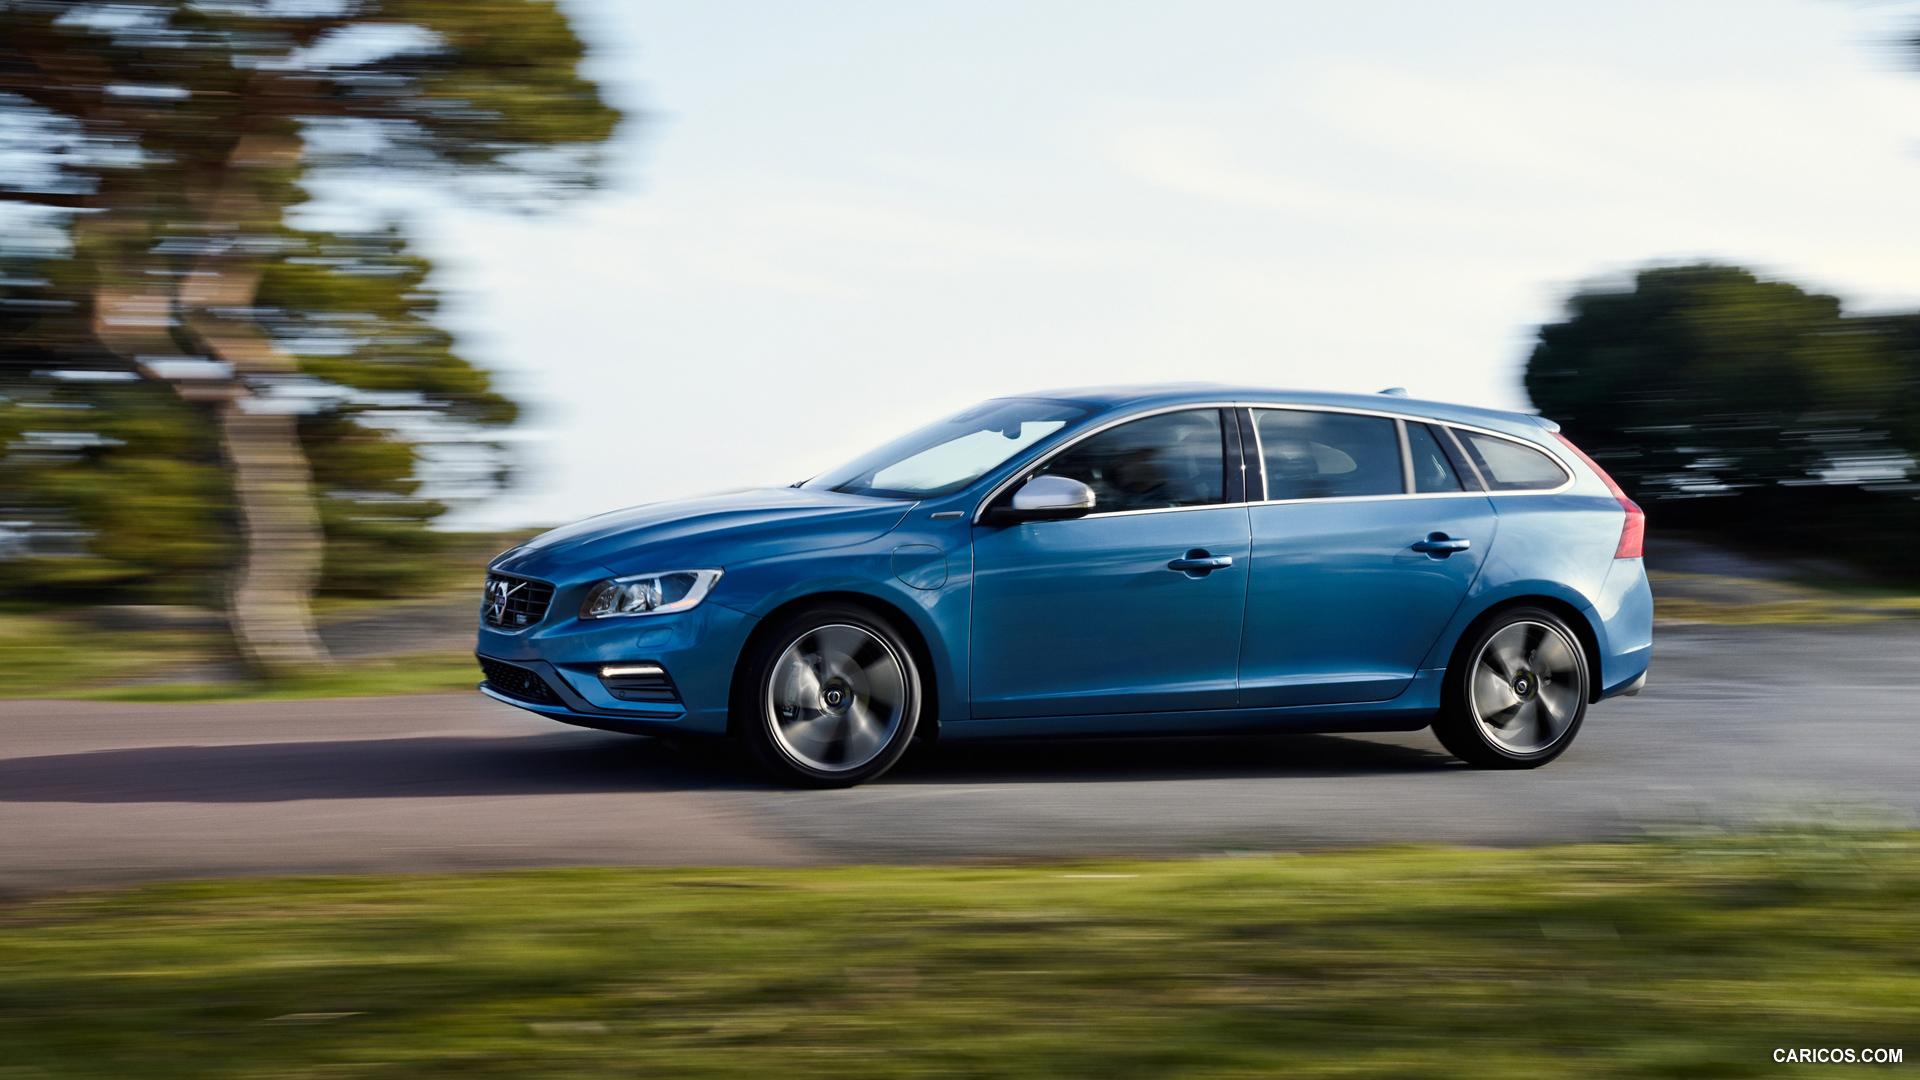 Laadpaal kopen voor uw elektrische Volvo V60 D5 AWD